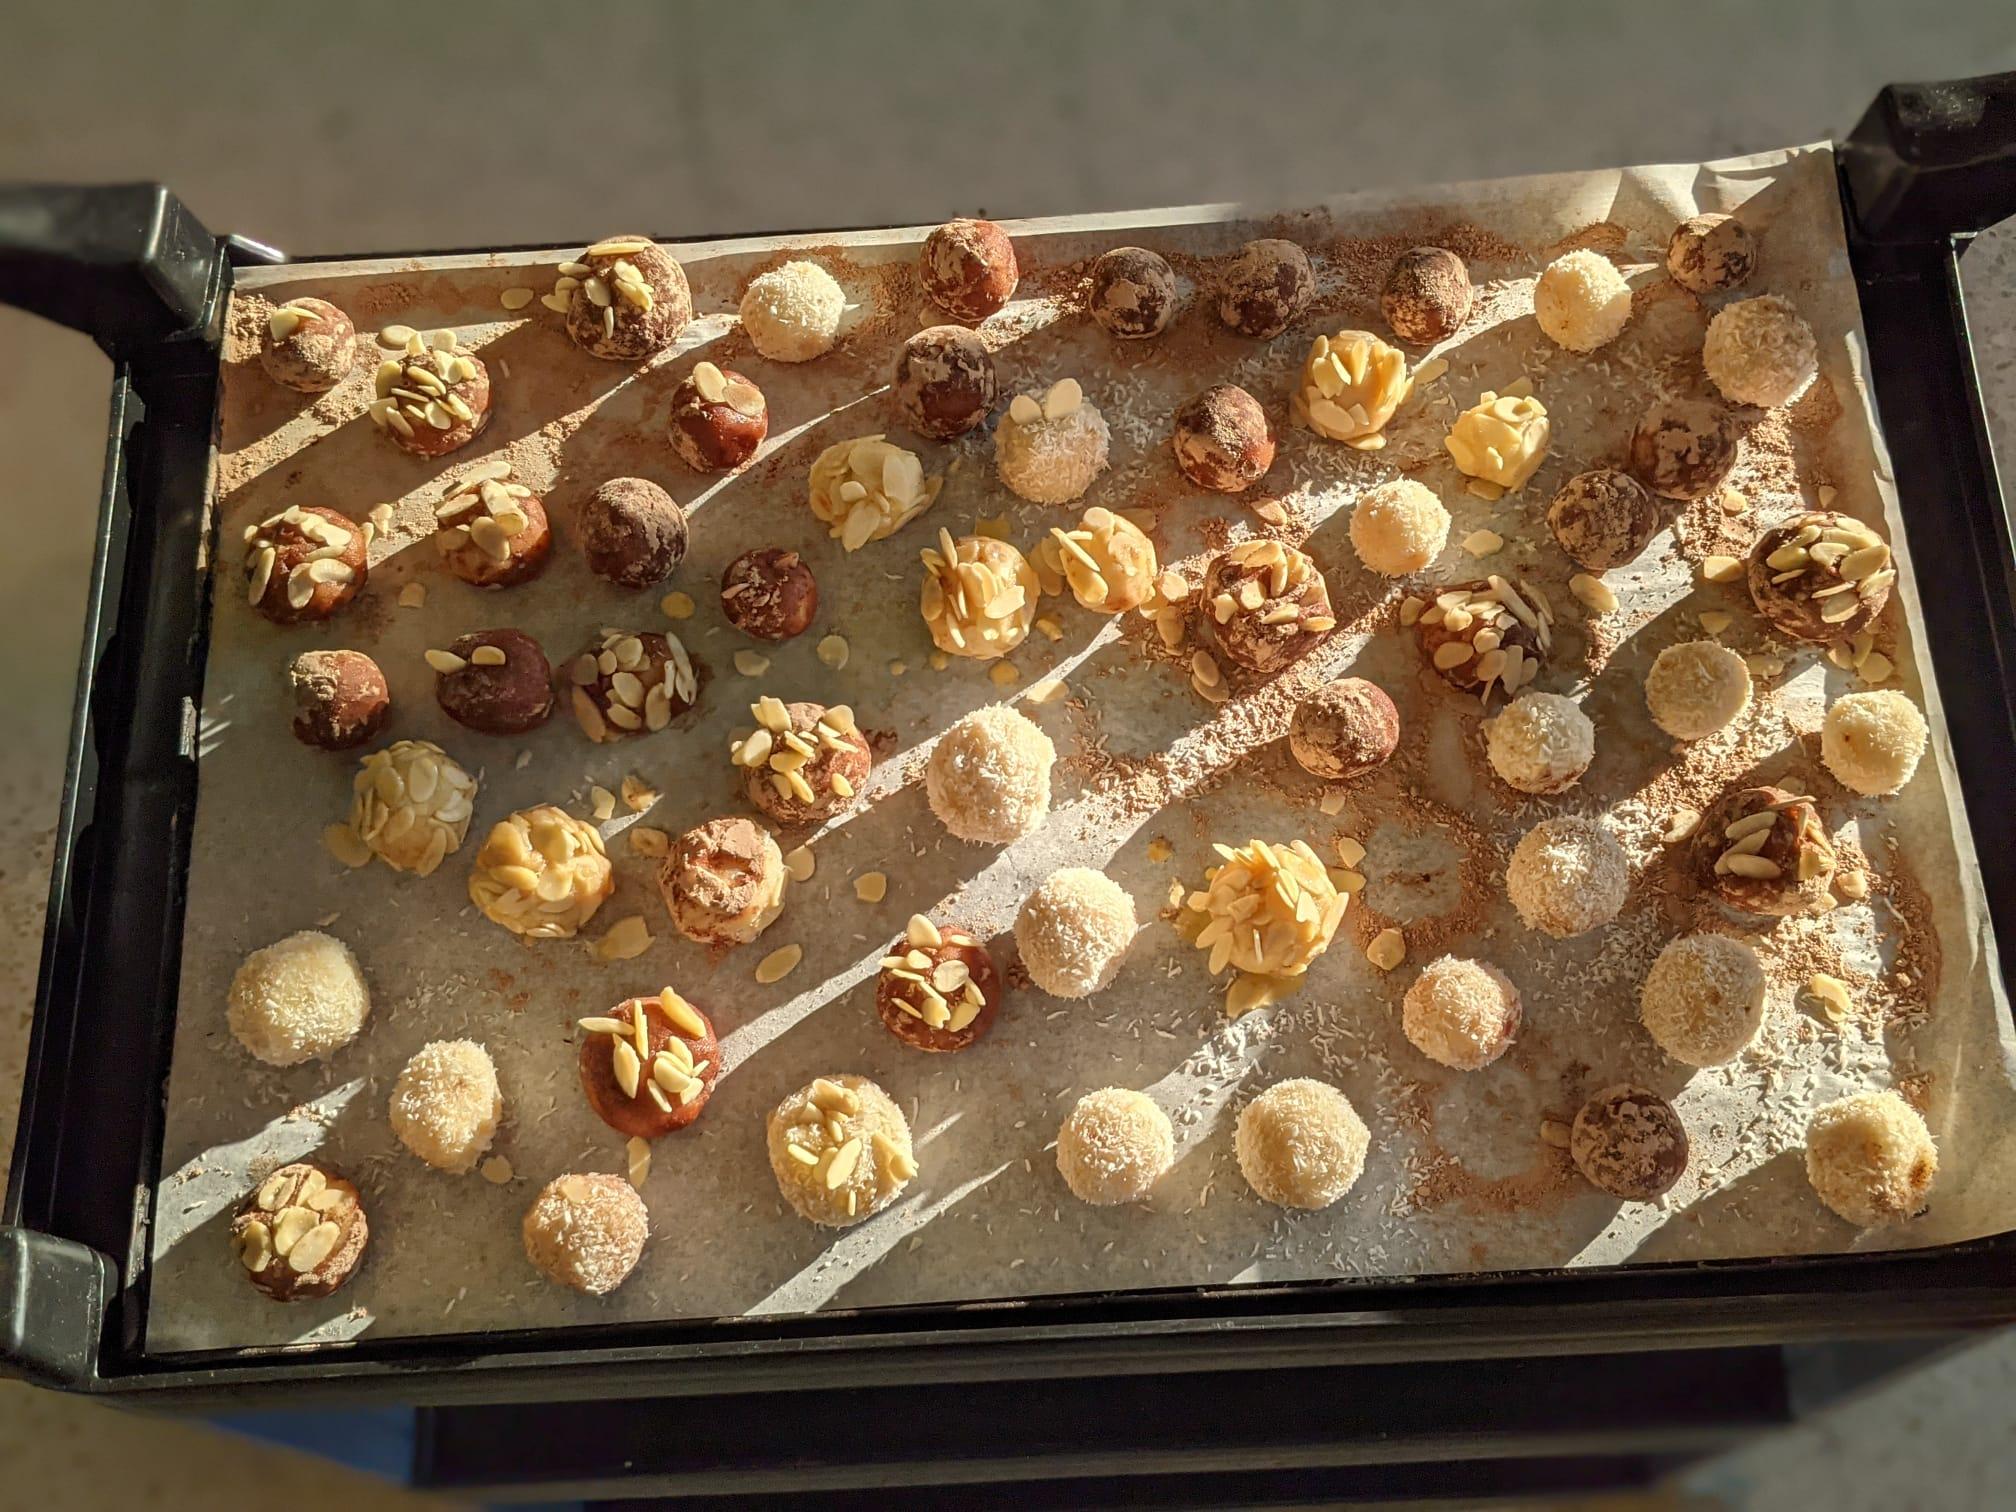 Els preparatius de la castanyada: fem panellets i observem una carabassa